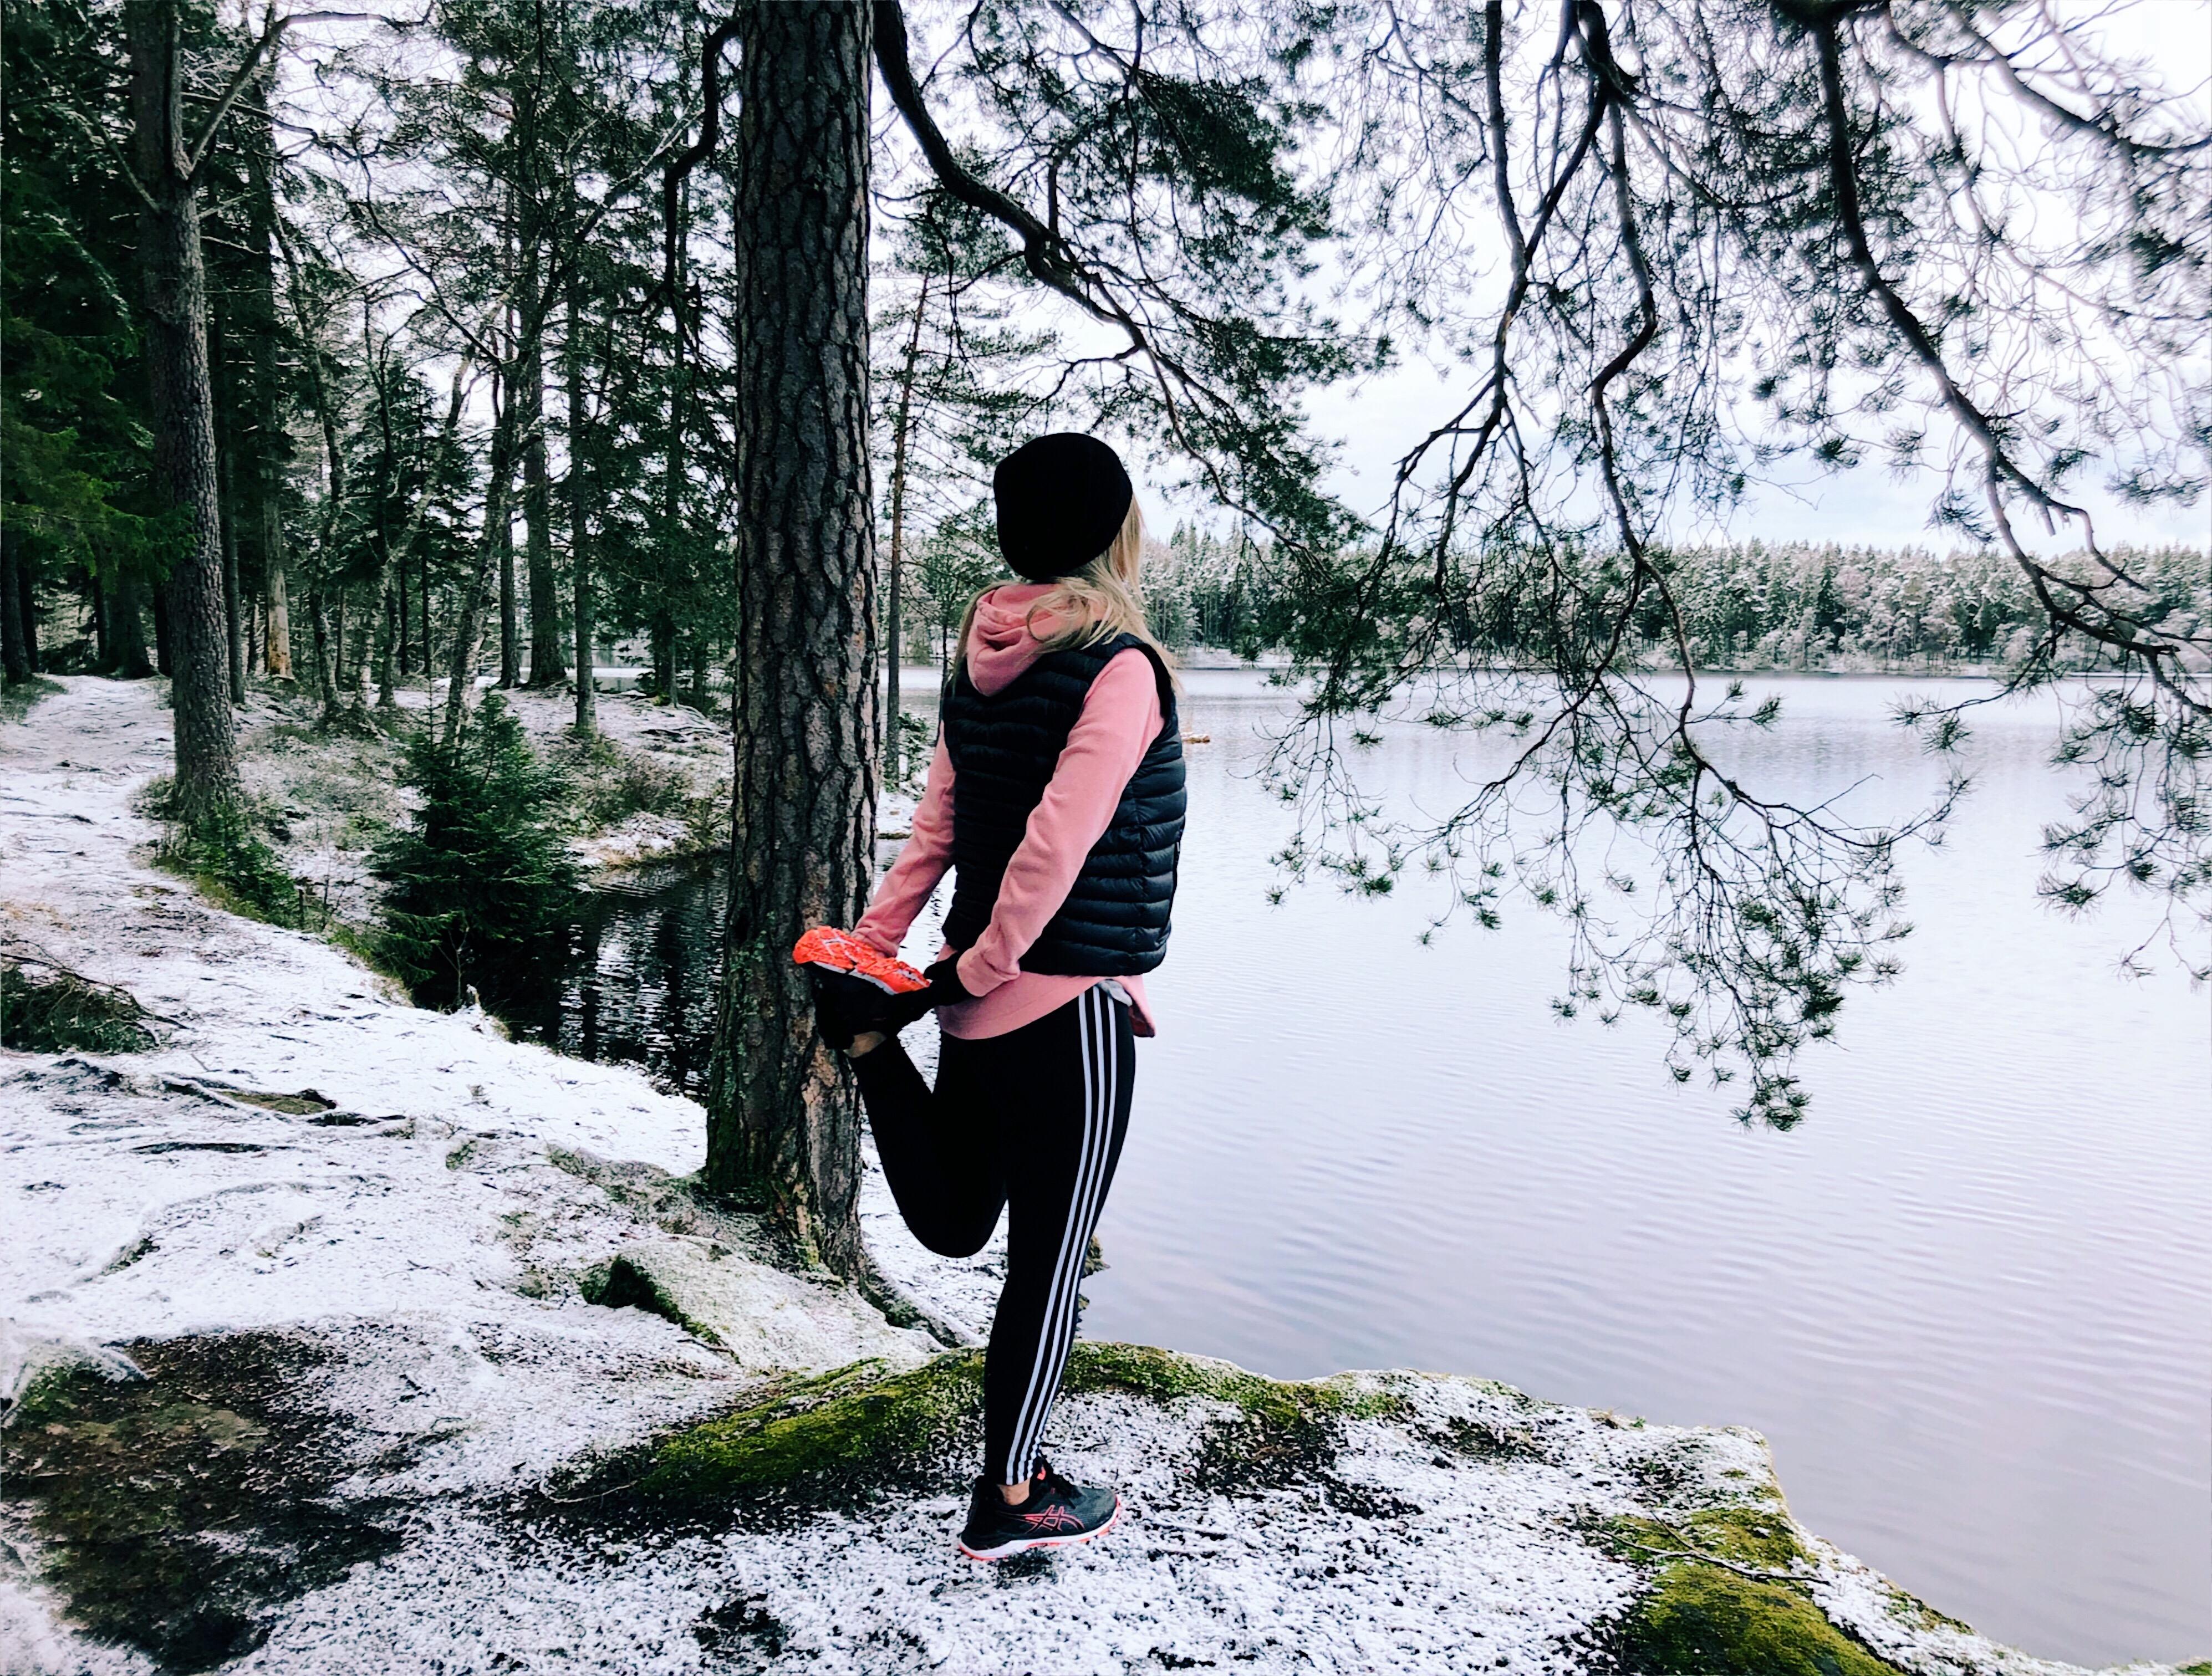 Efteråt fick jag göra några övningar med den vackra sjön som utsikt. 6505550977cae